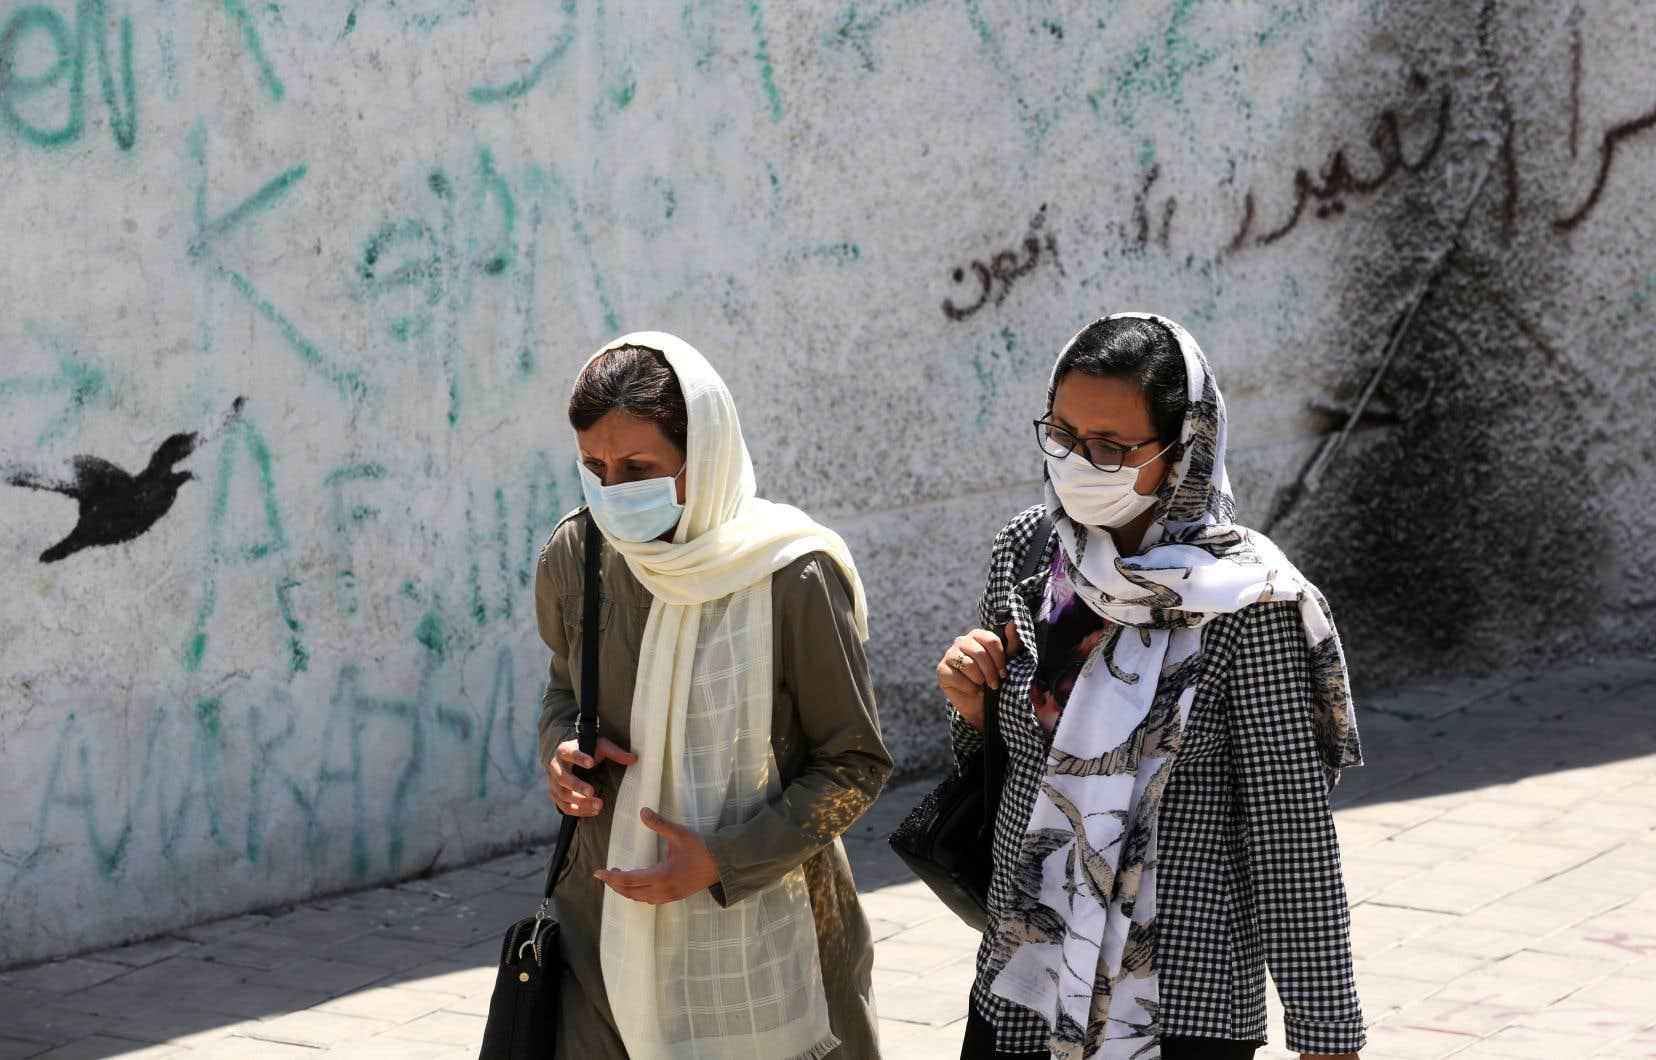 La semaine dernière, de nombreuses internautes iraniennes ― pour la majorité anonymes ― ont accusé un même homme de les avoir droguées et violées une fois inconscientes.